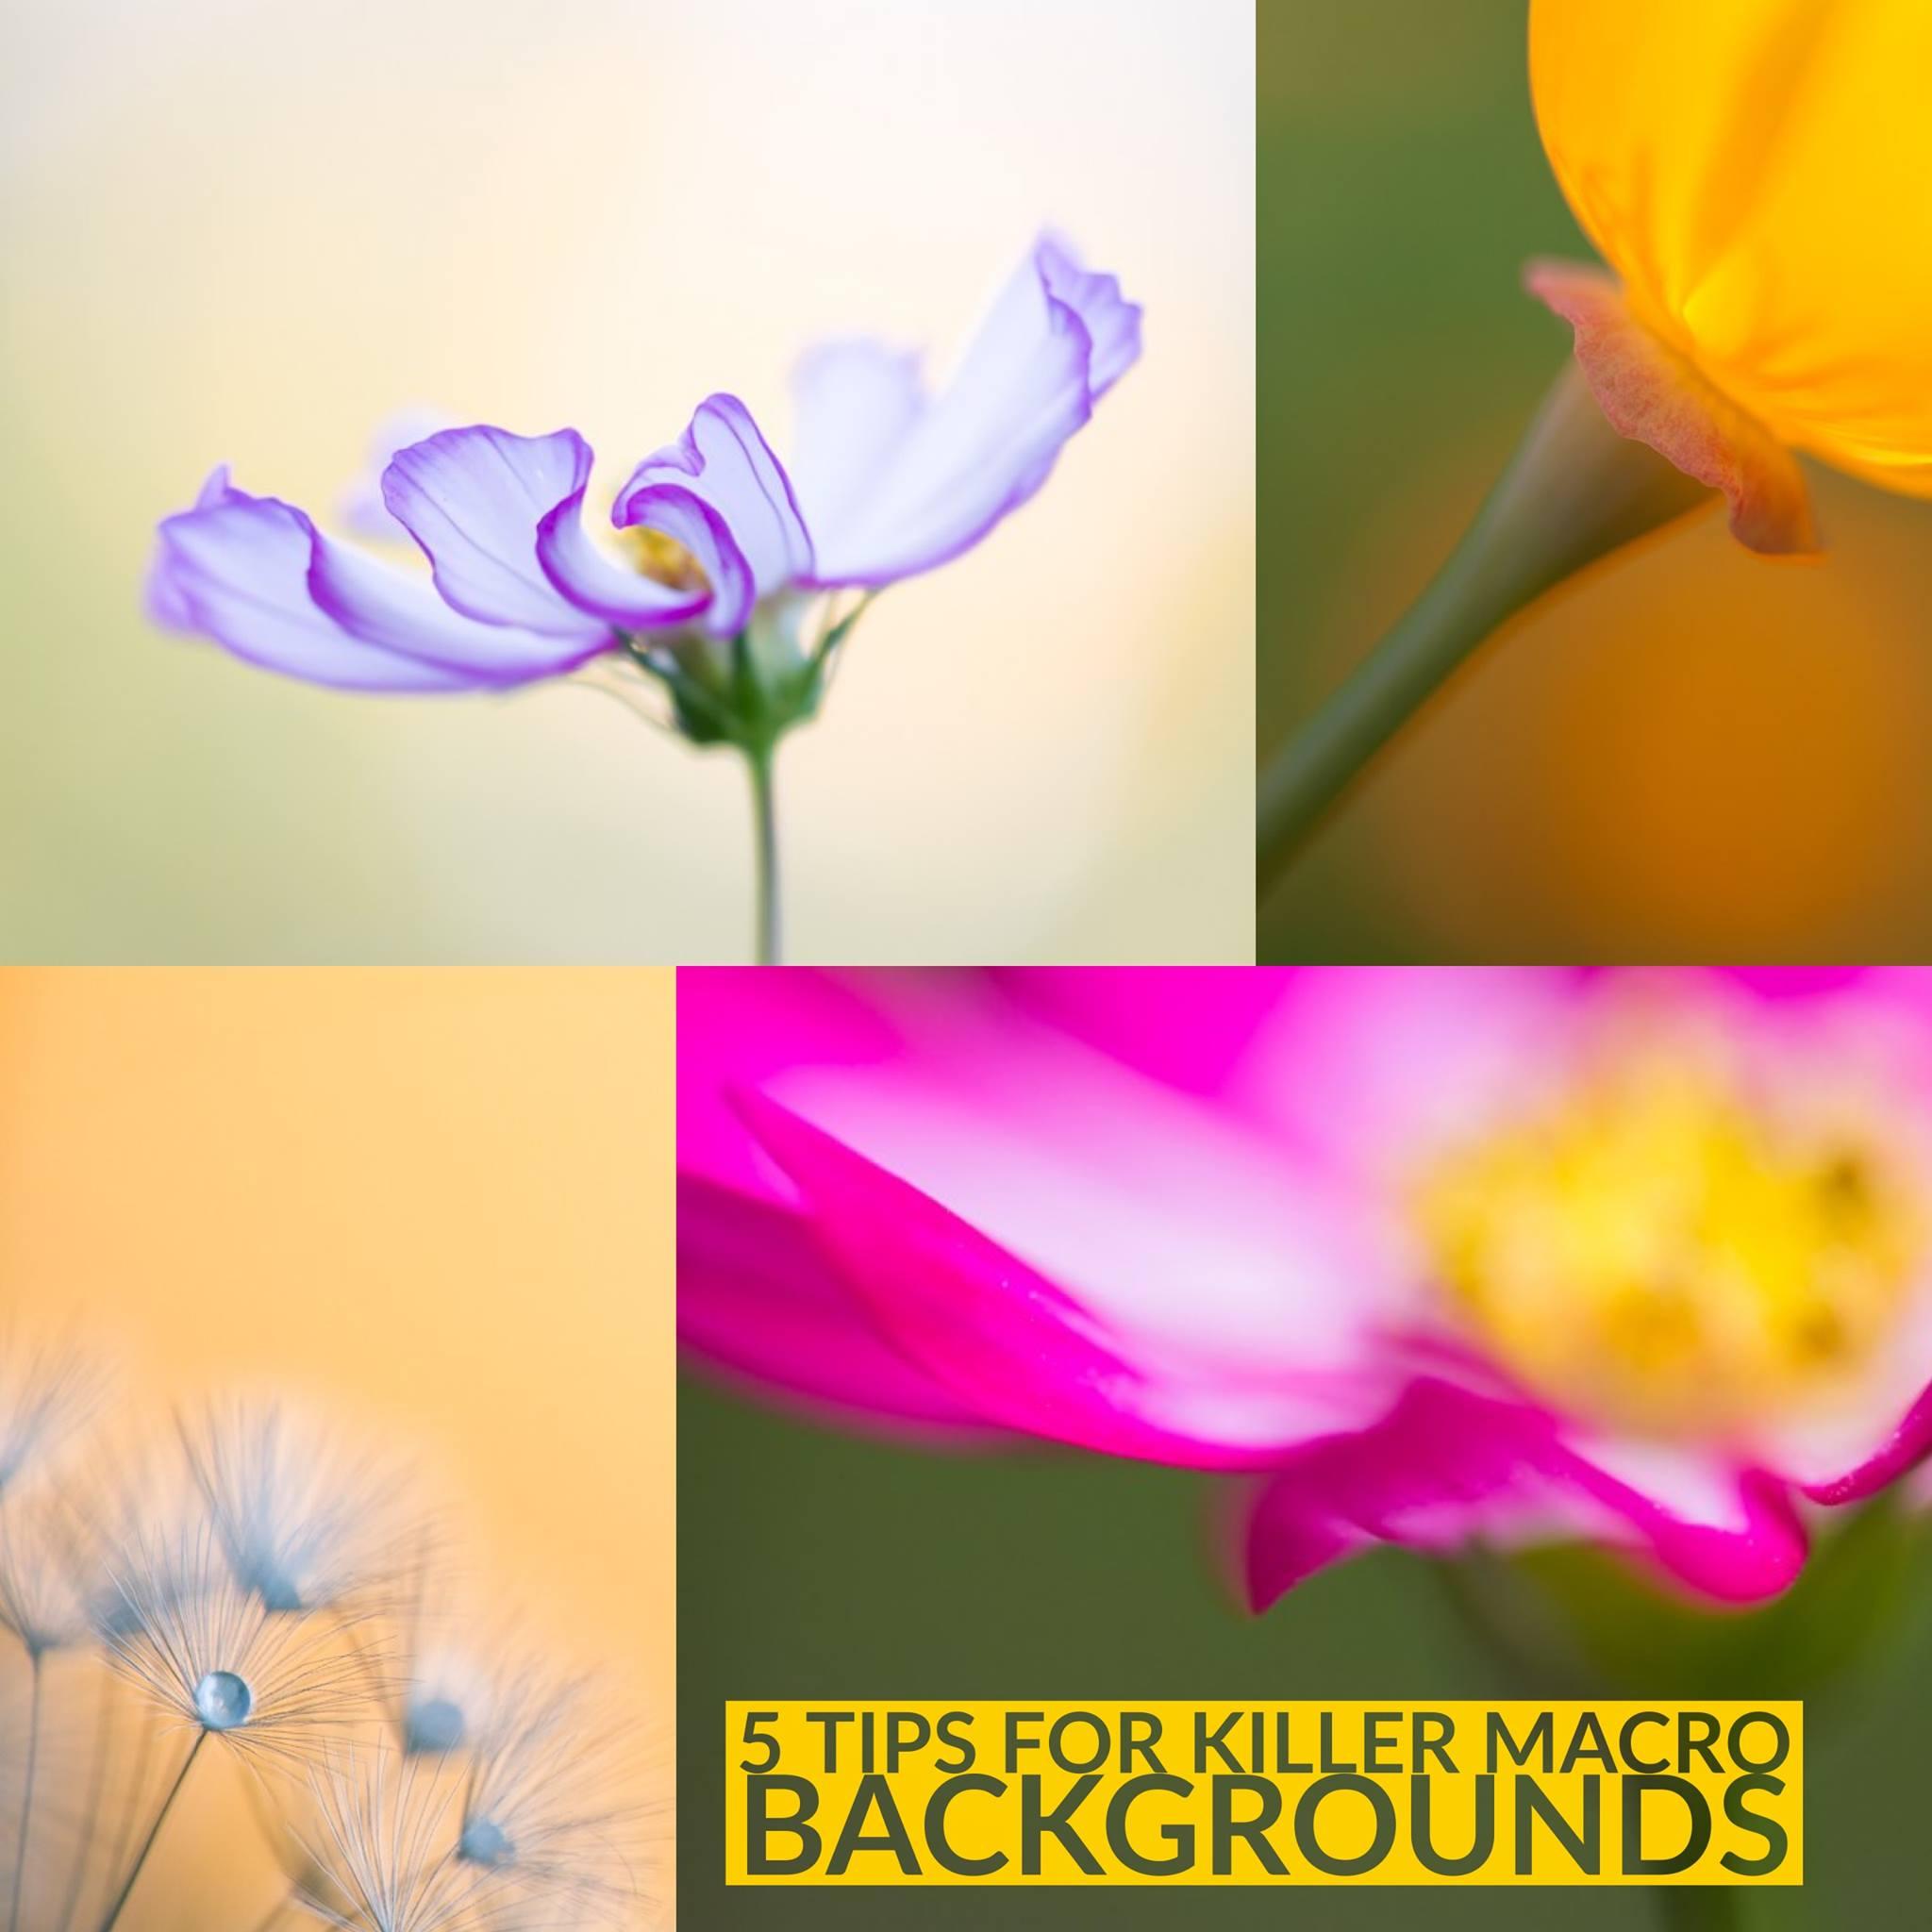 5 Tips for Killer Macro Backgrounds